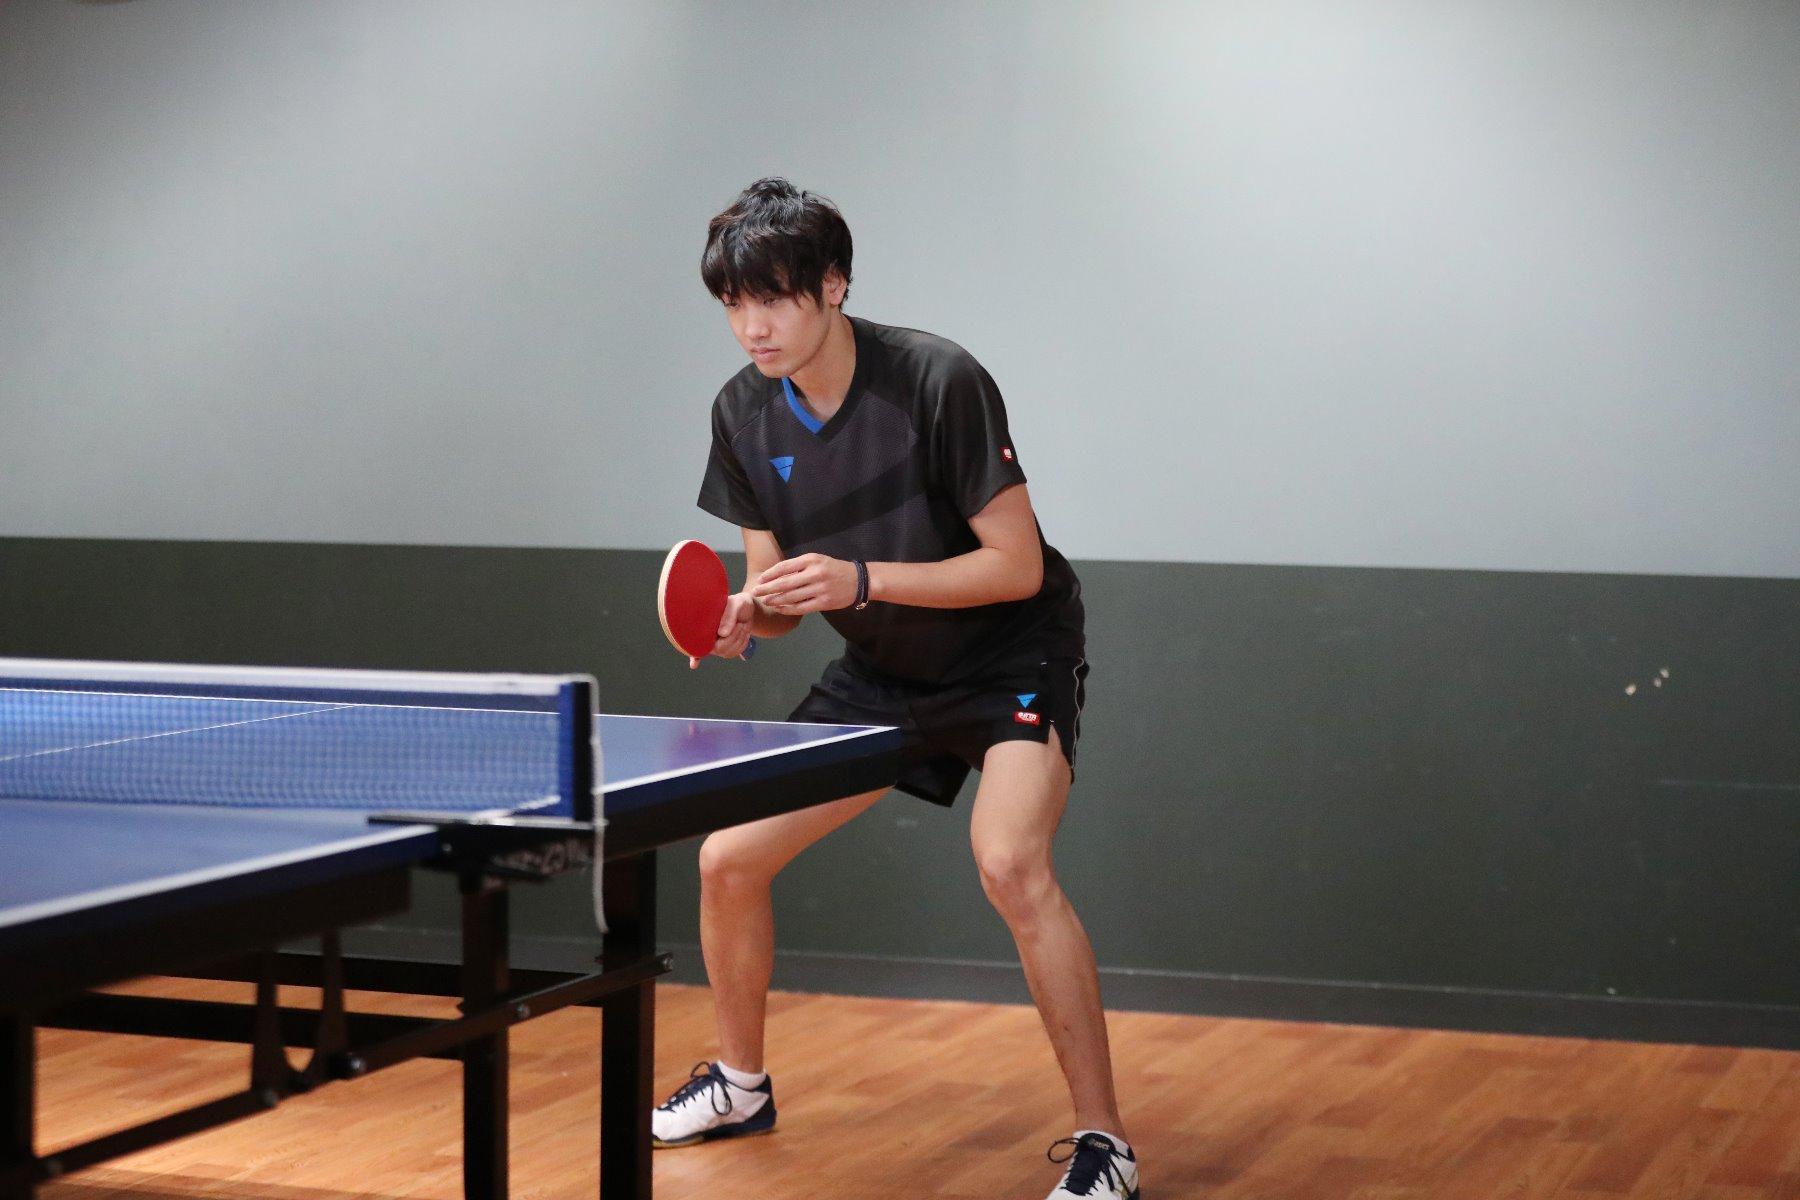 卓球 VICTASJOURNAL VICTAS ヴィクタス ビクタス 村松雄斗 契約選手